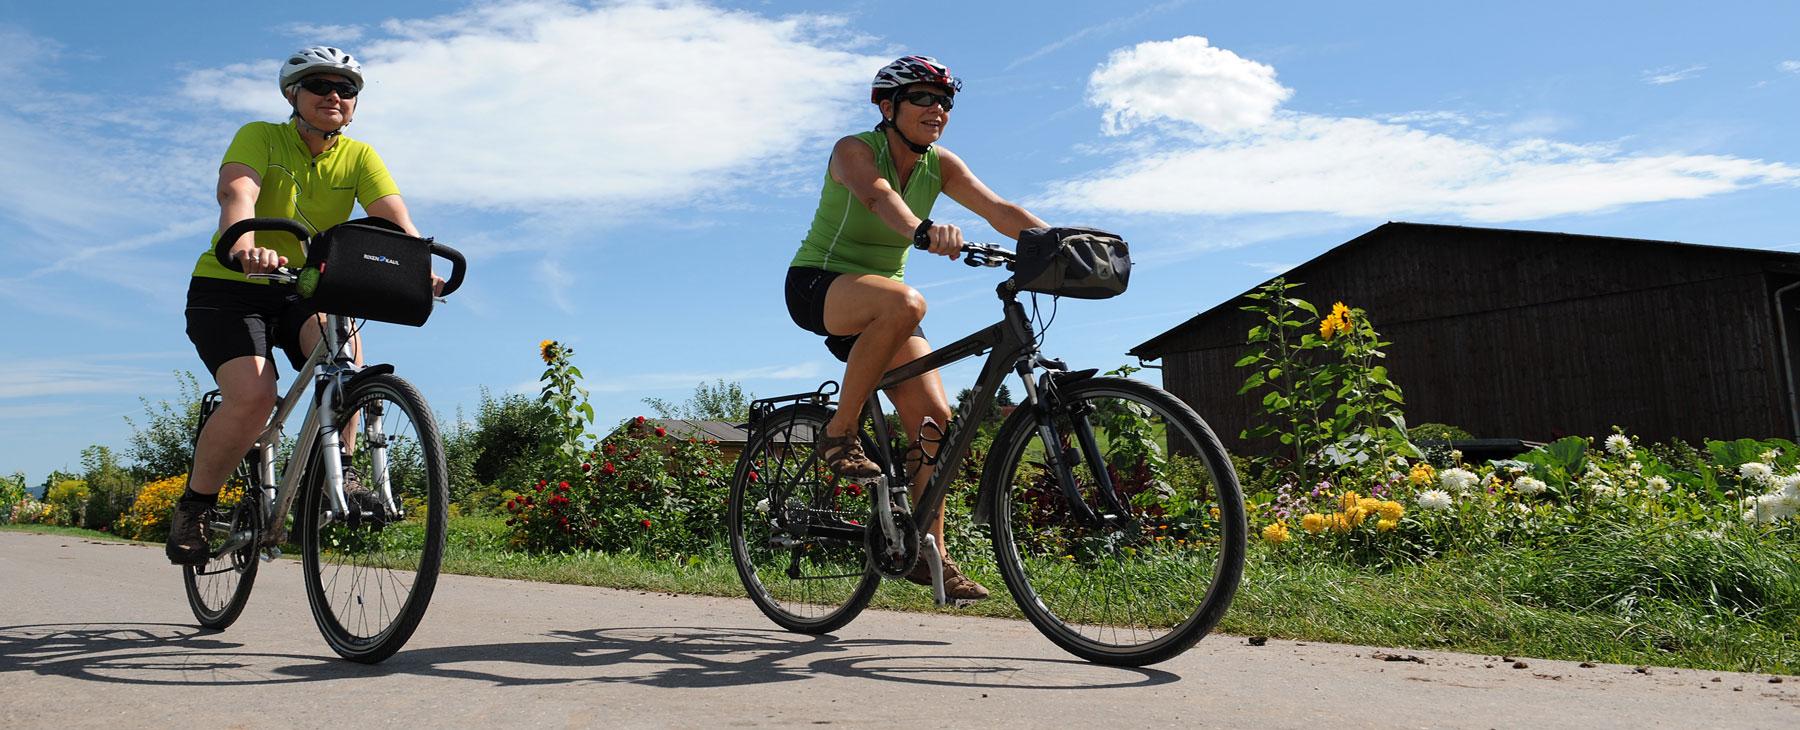 Zwei Radfahrer auf einem Radweg in Hüfingen